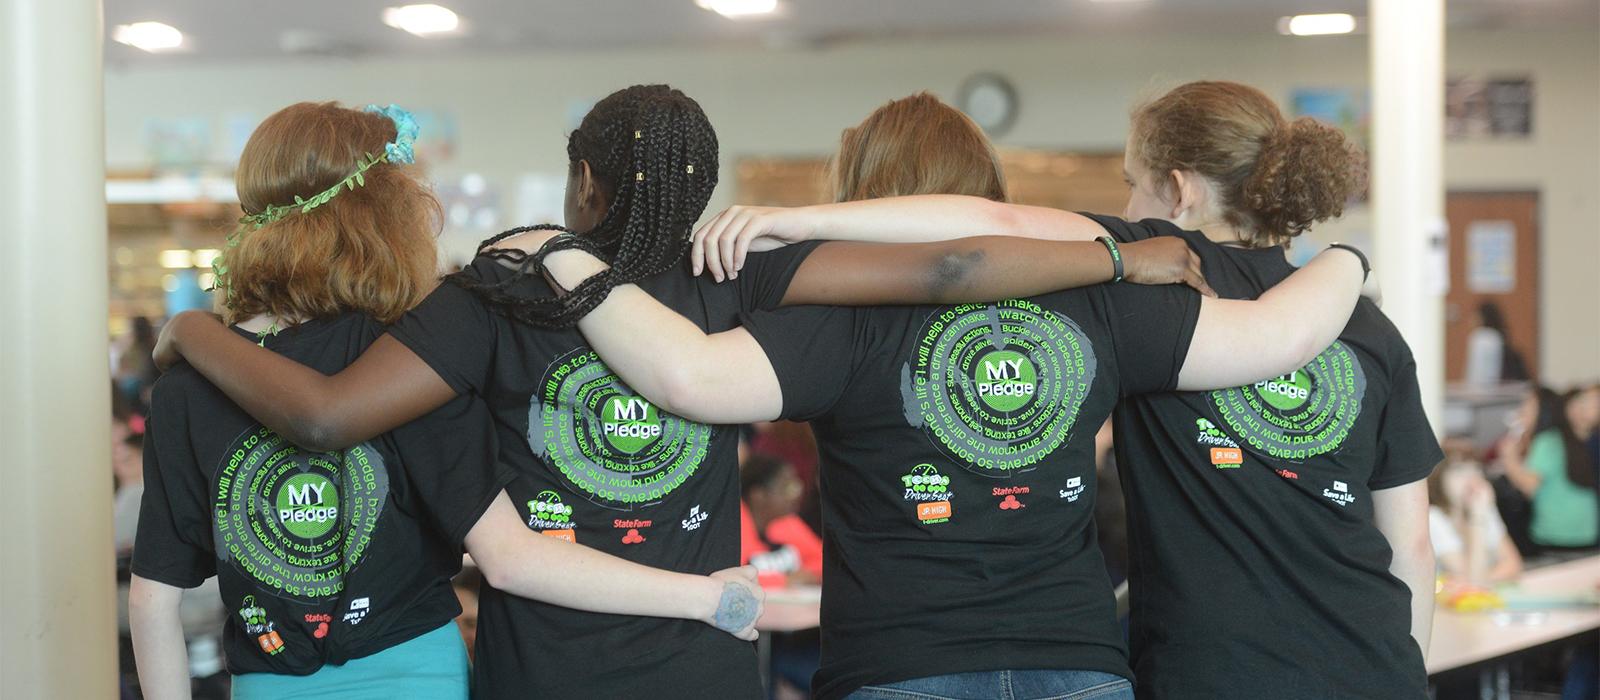 TDS friends pledge shirts